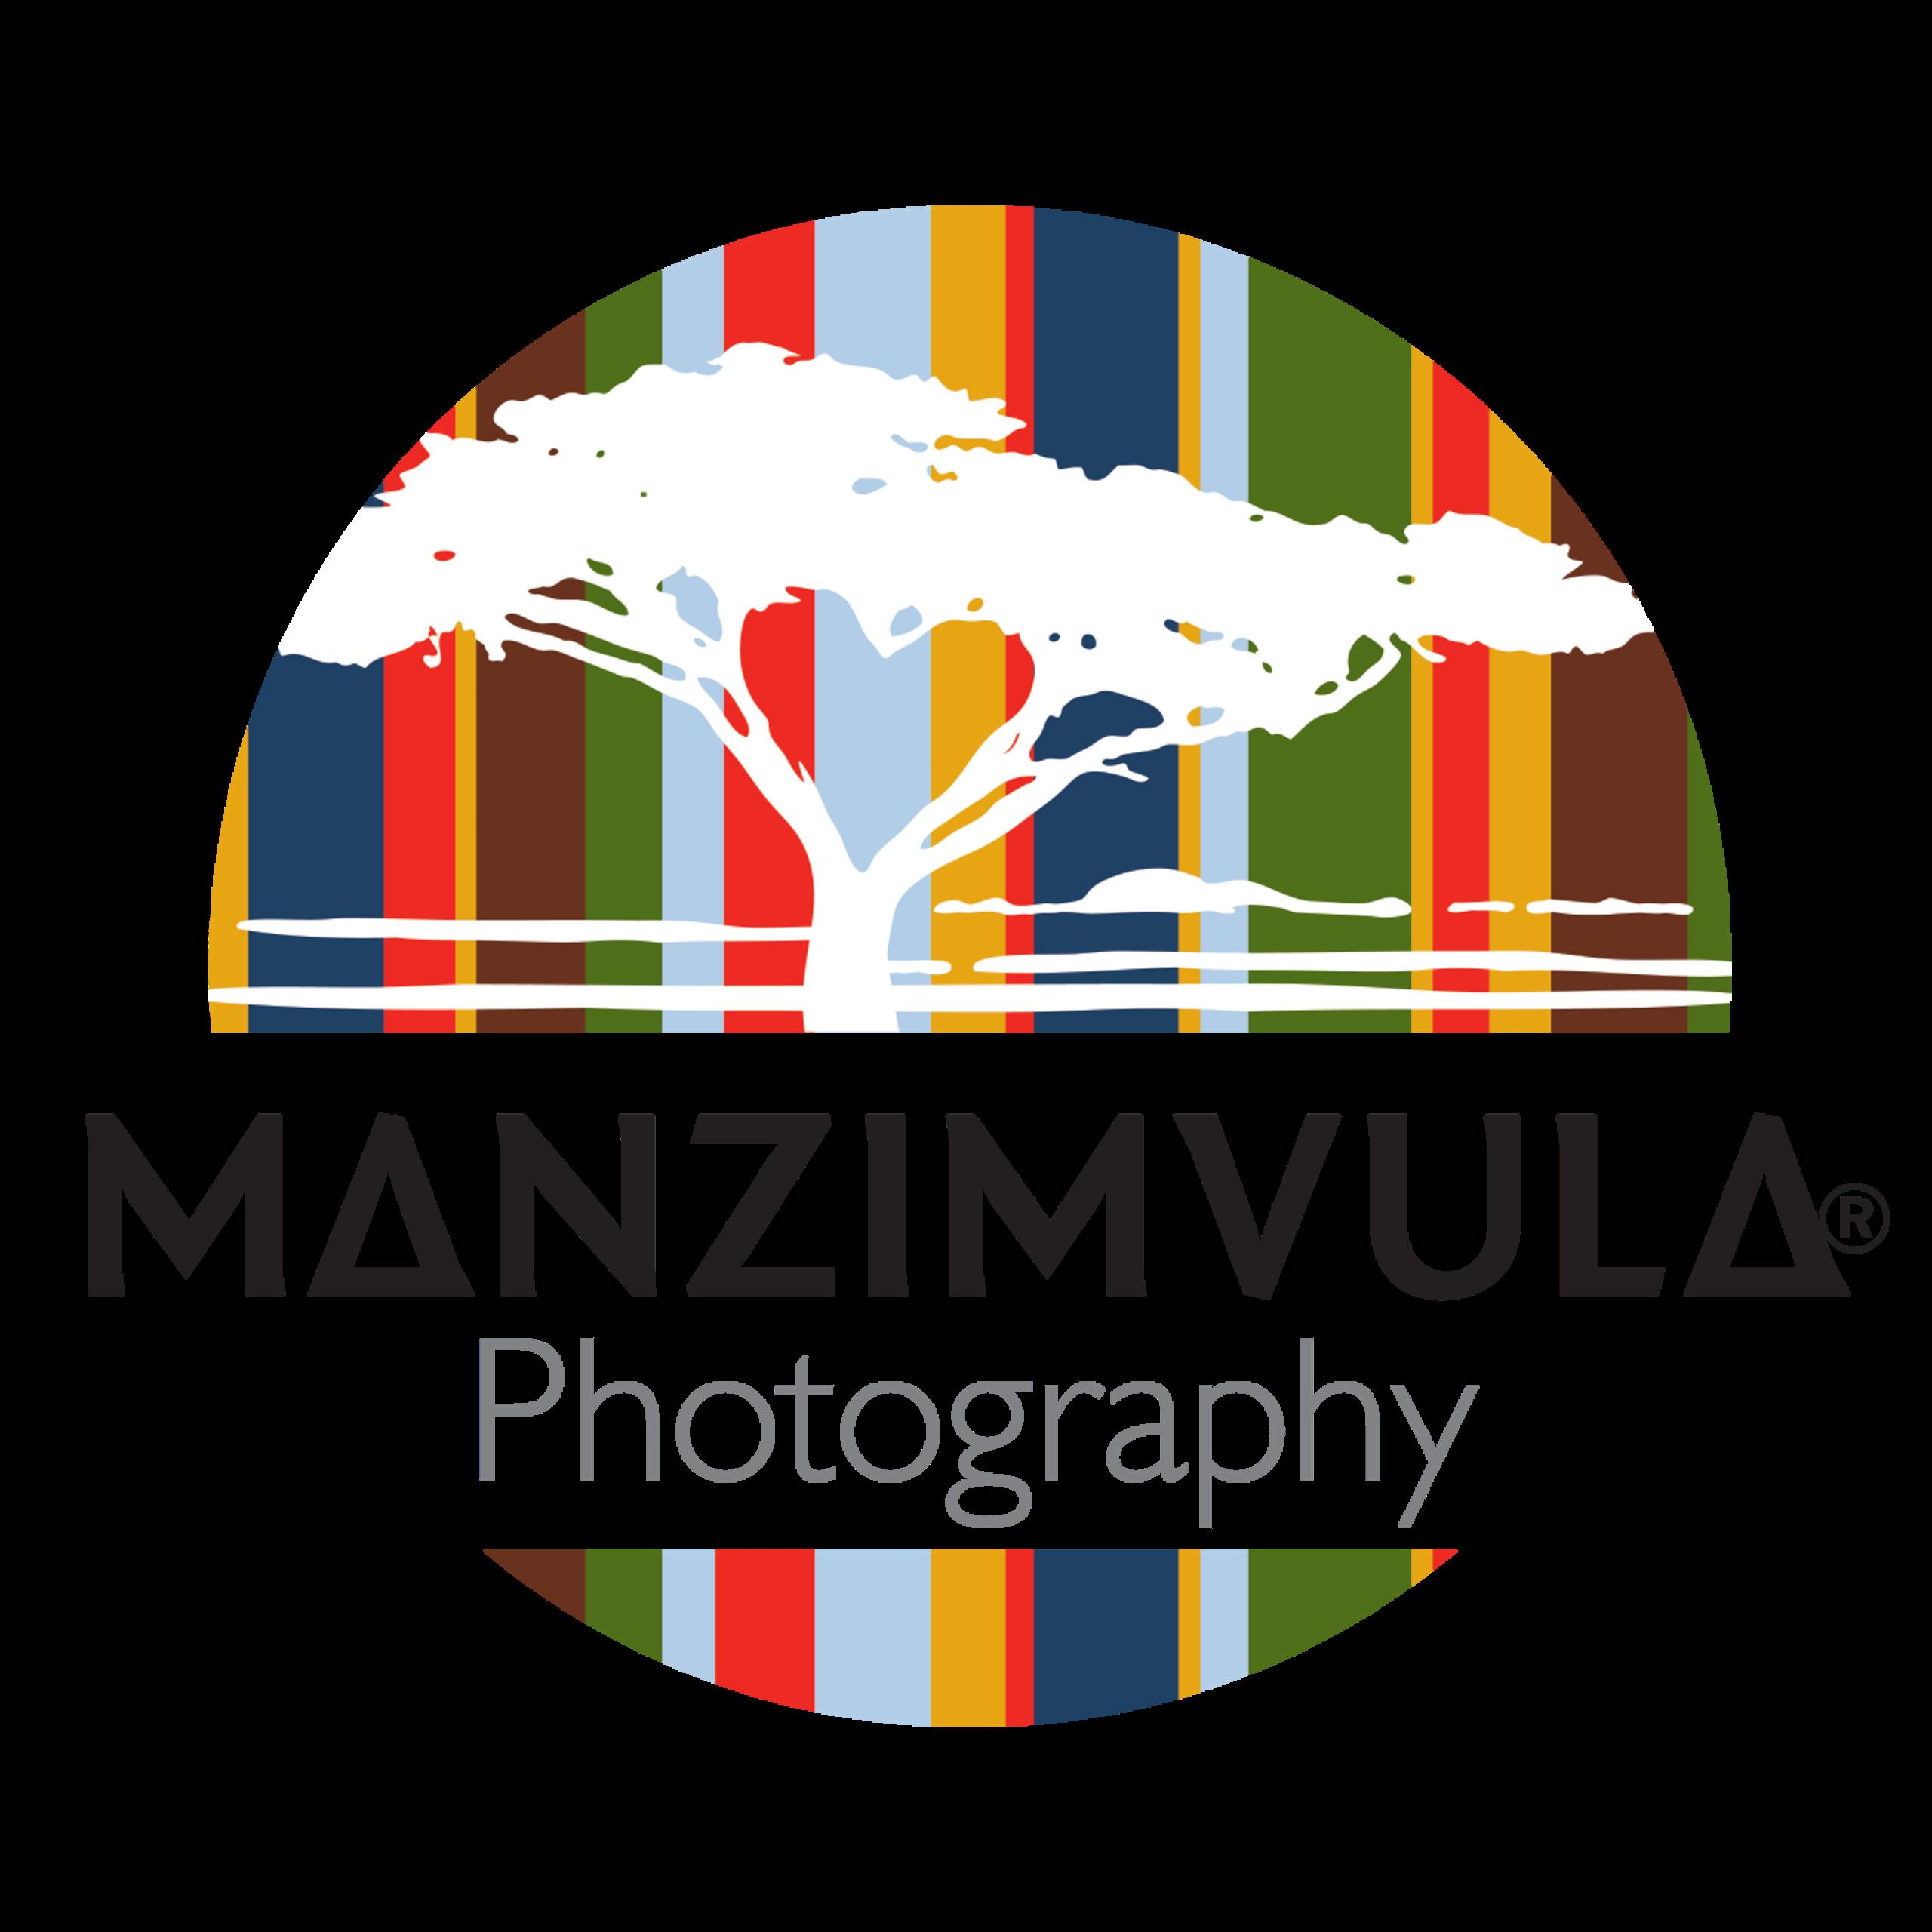 MNZ_Photography_NoBackGrnd